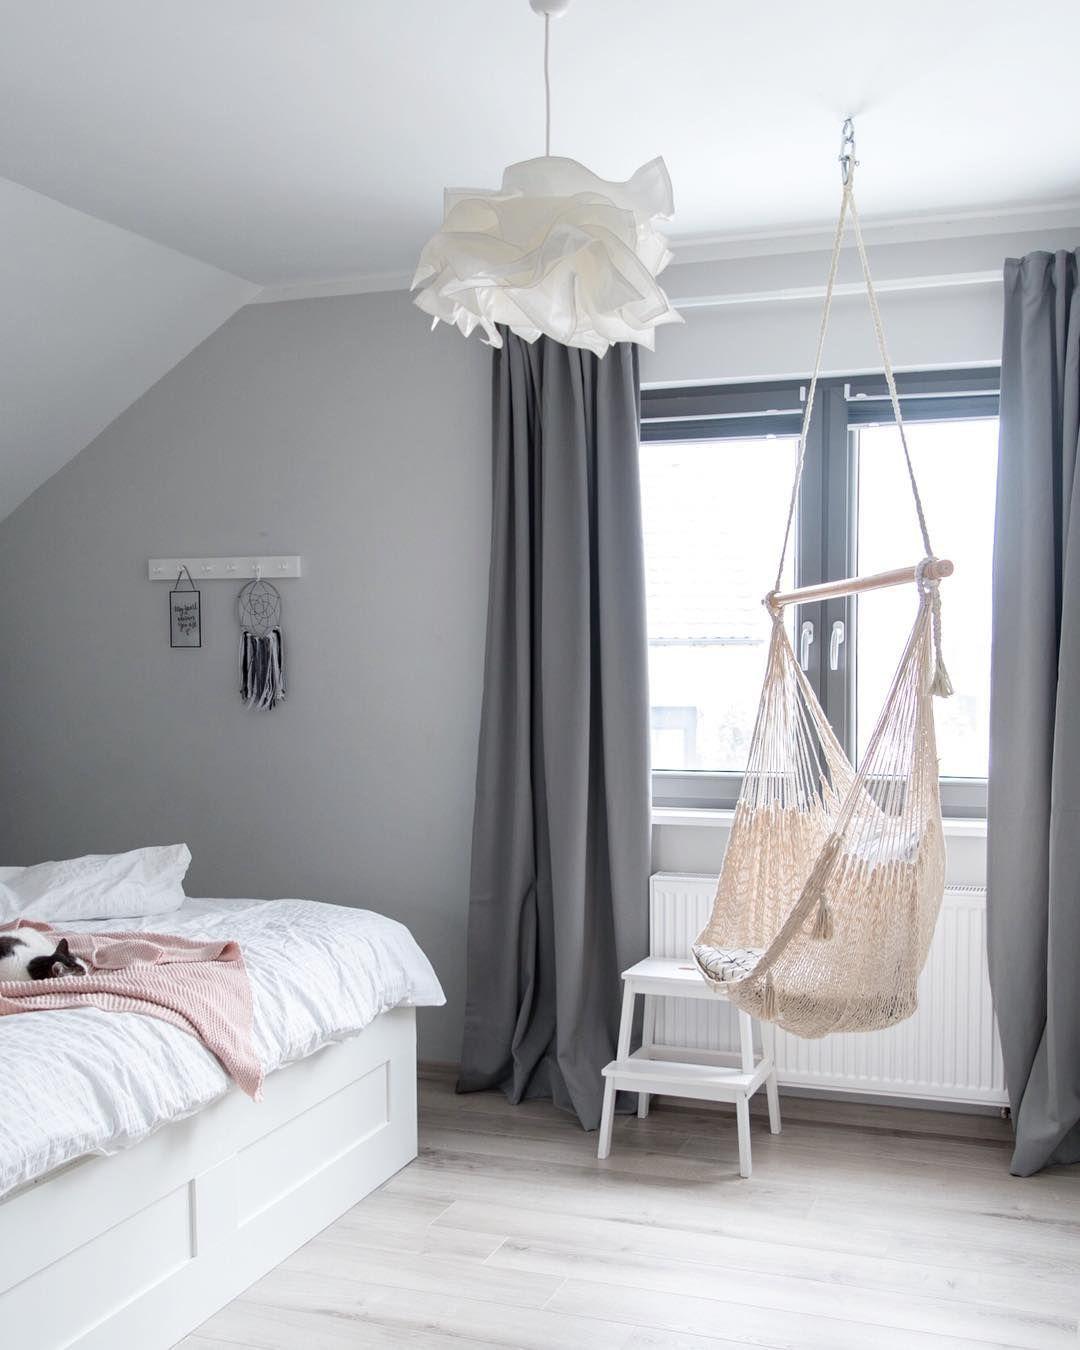 Sereniteit in de Scandinavische slaapkamer #slaapkamerideeen